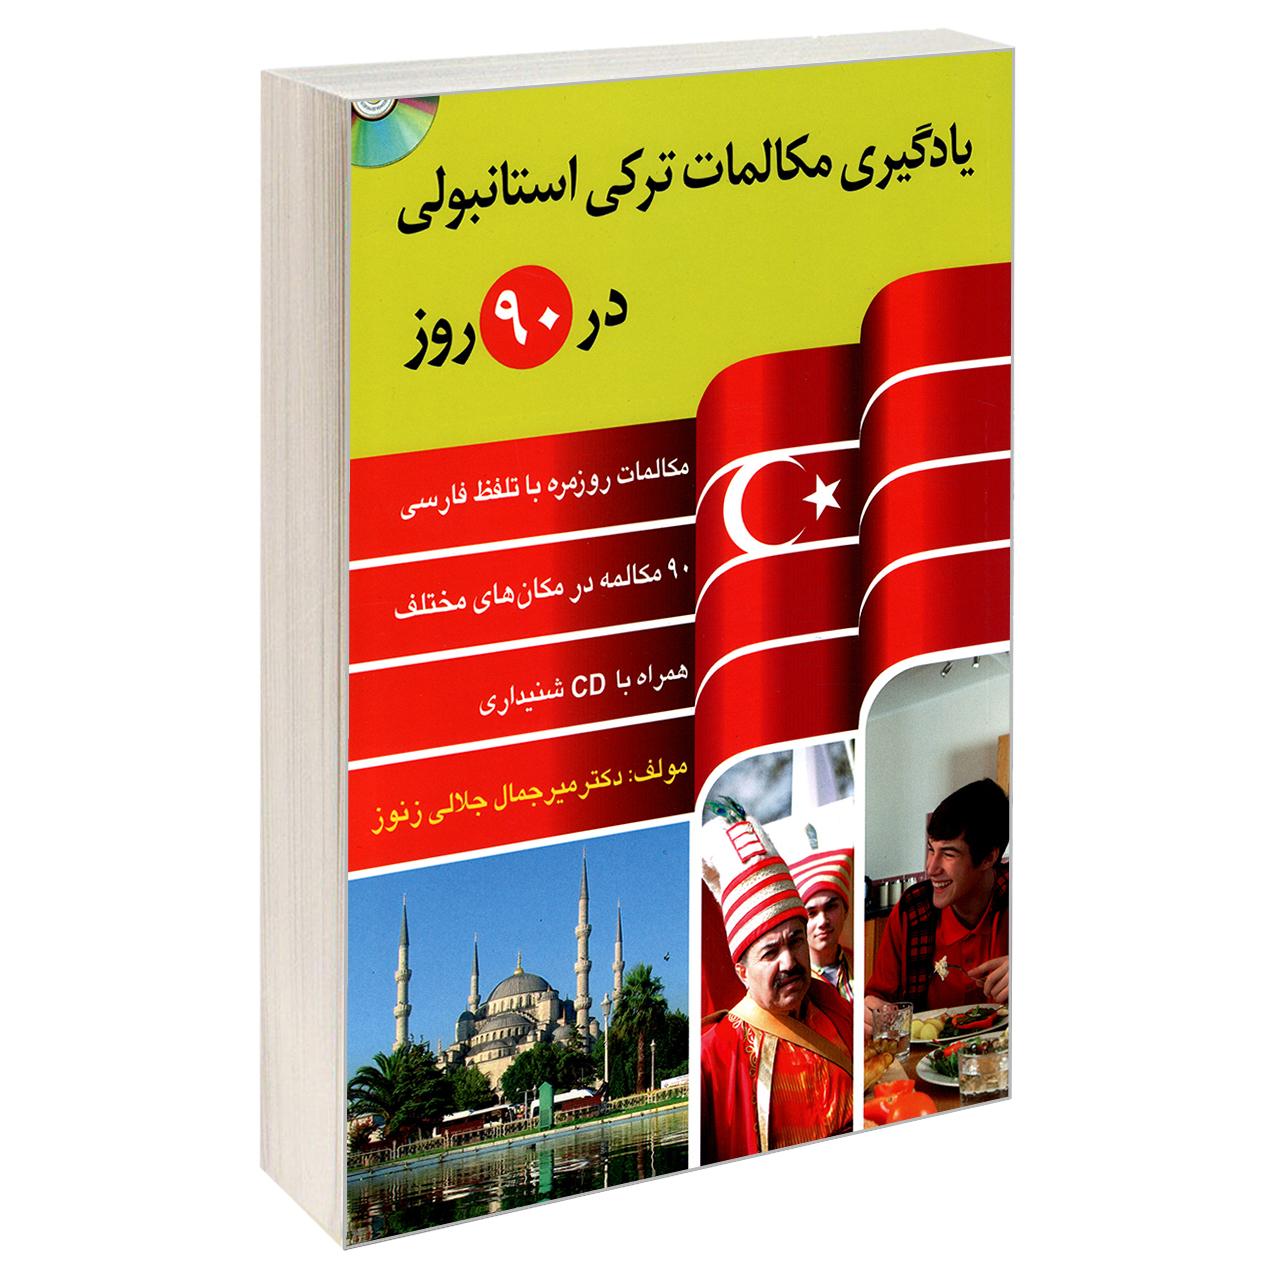 خرید                      کتاب یادگیری مکالمات ترکی استانبولی در 90 روز اثر دکتر میر جمال جلالی زنوز نشر دانشیار